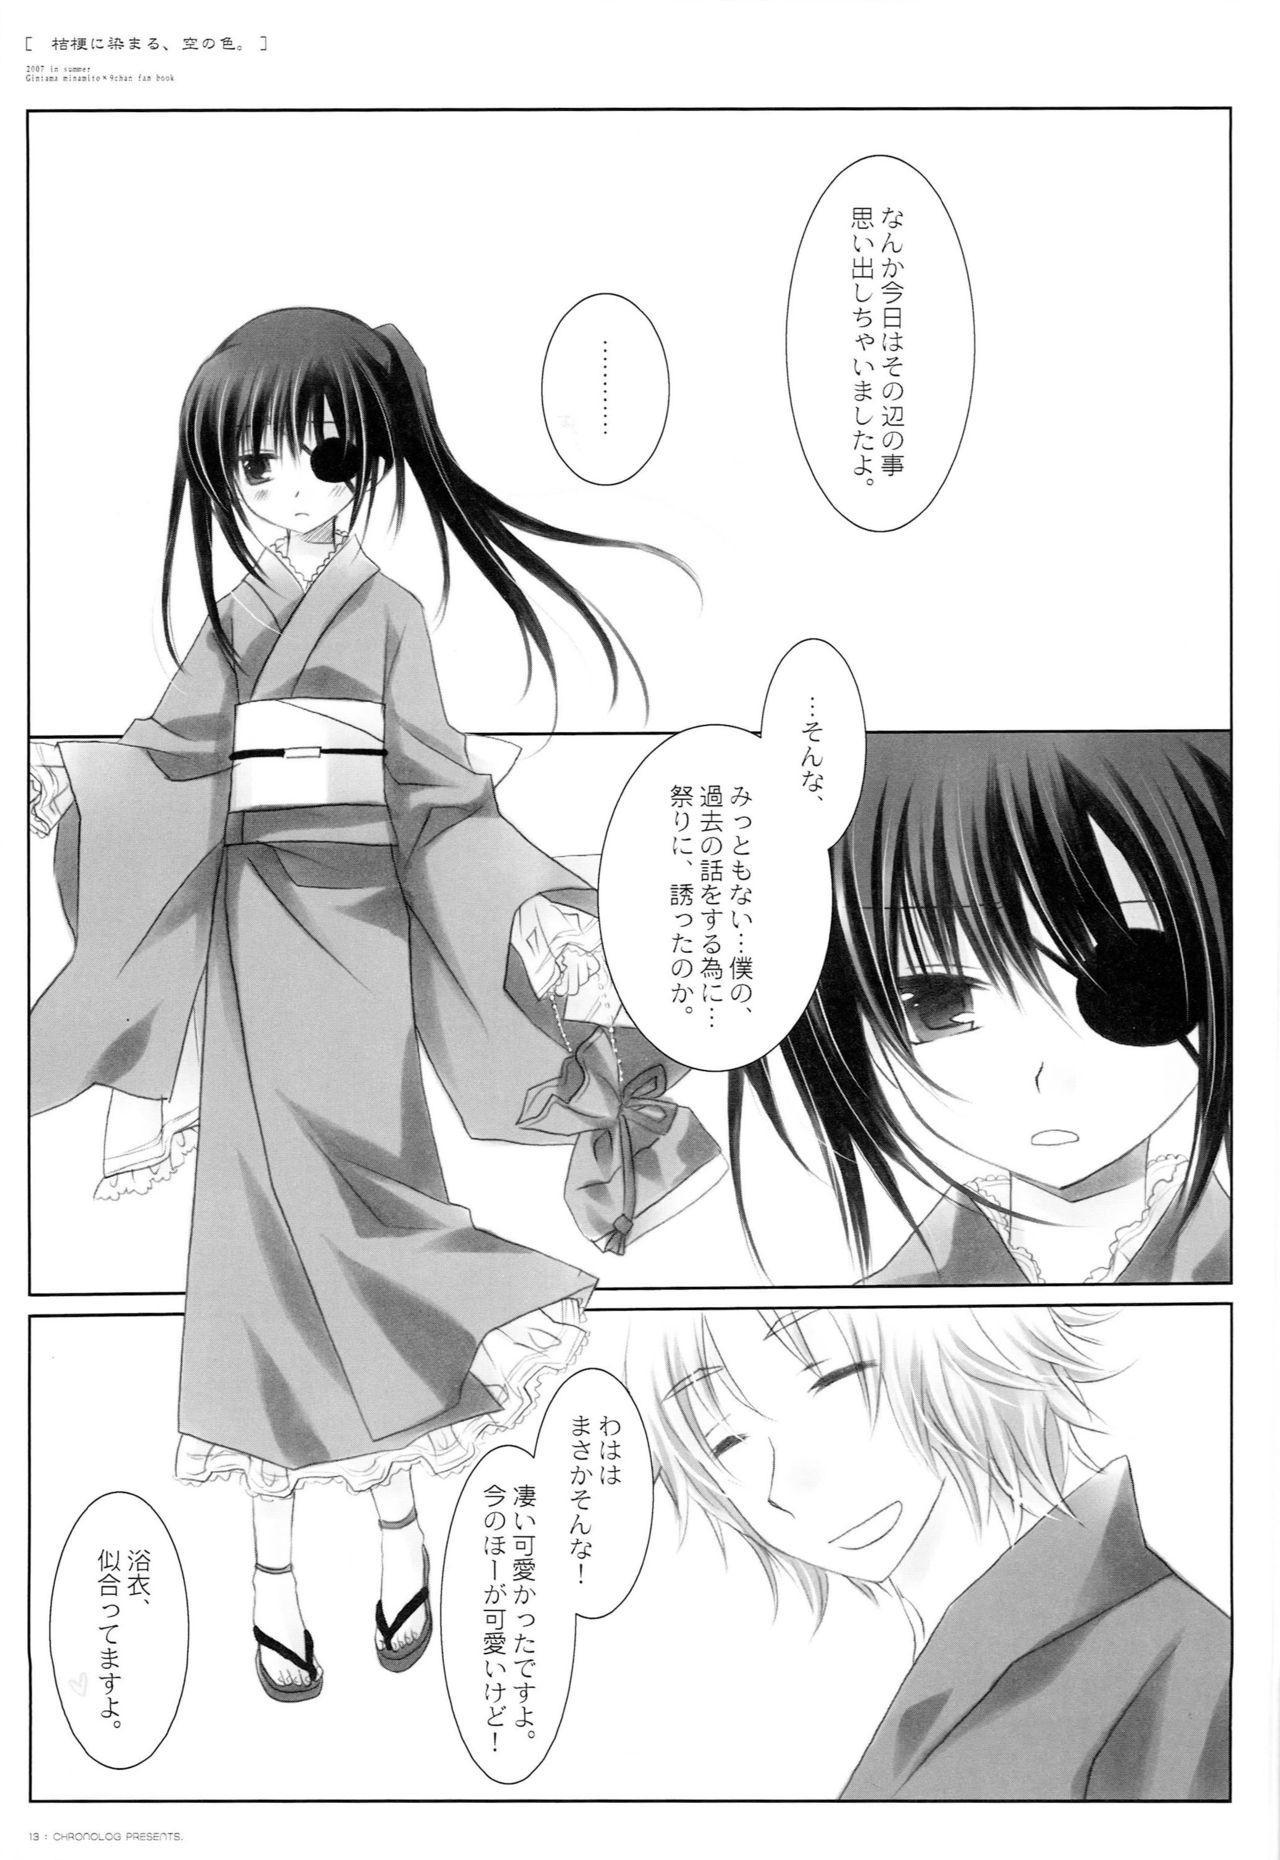 Kikyou ni Somaru Sora no Iro 11